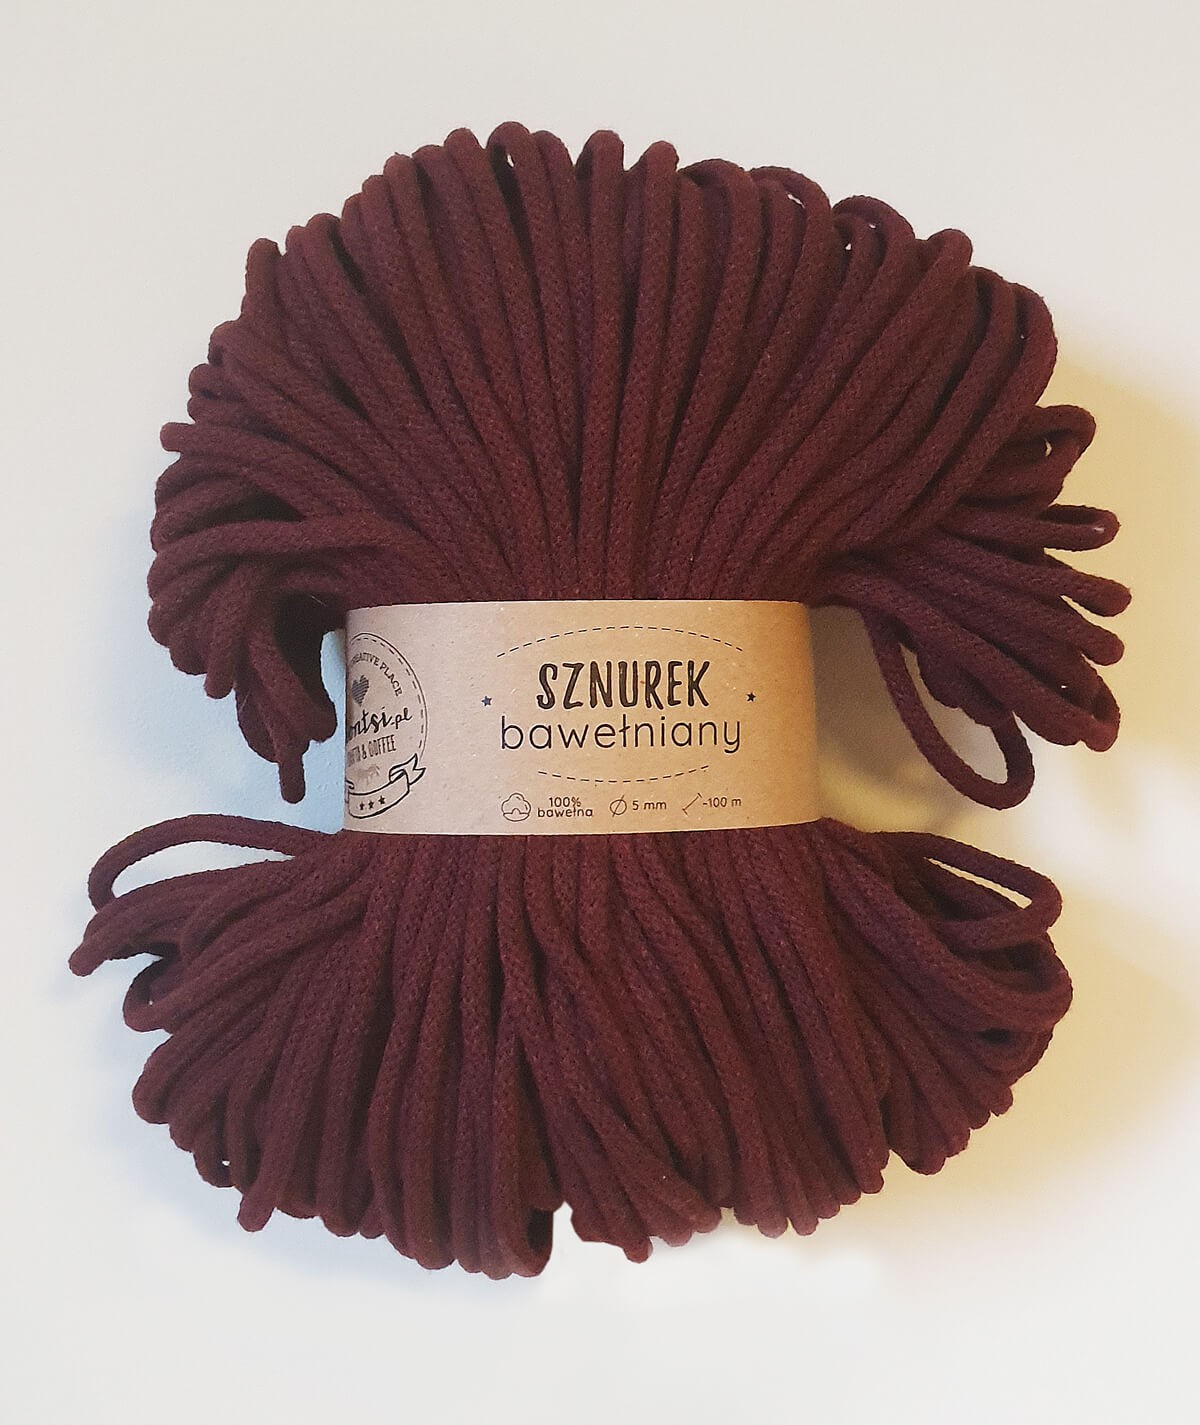 Sznurek bawełniany 5 mm burgundowy do rękodzieła